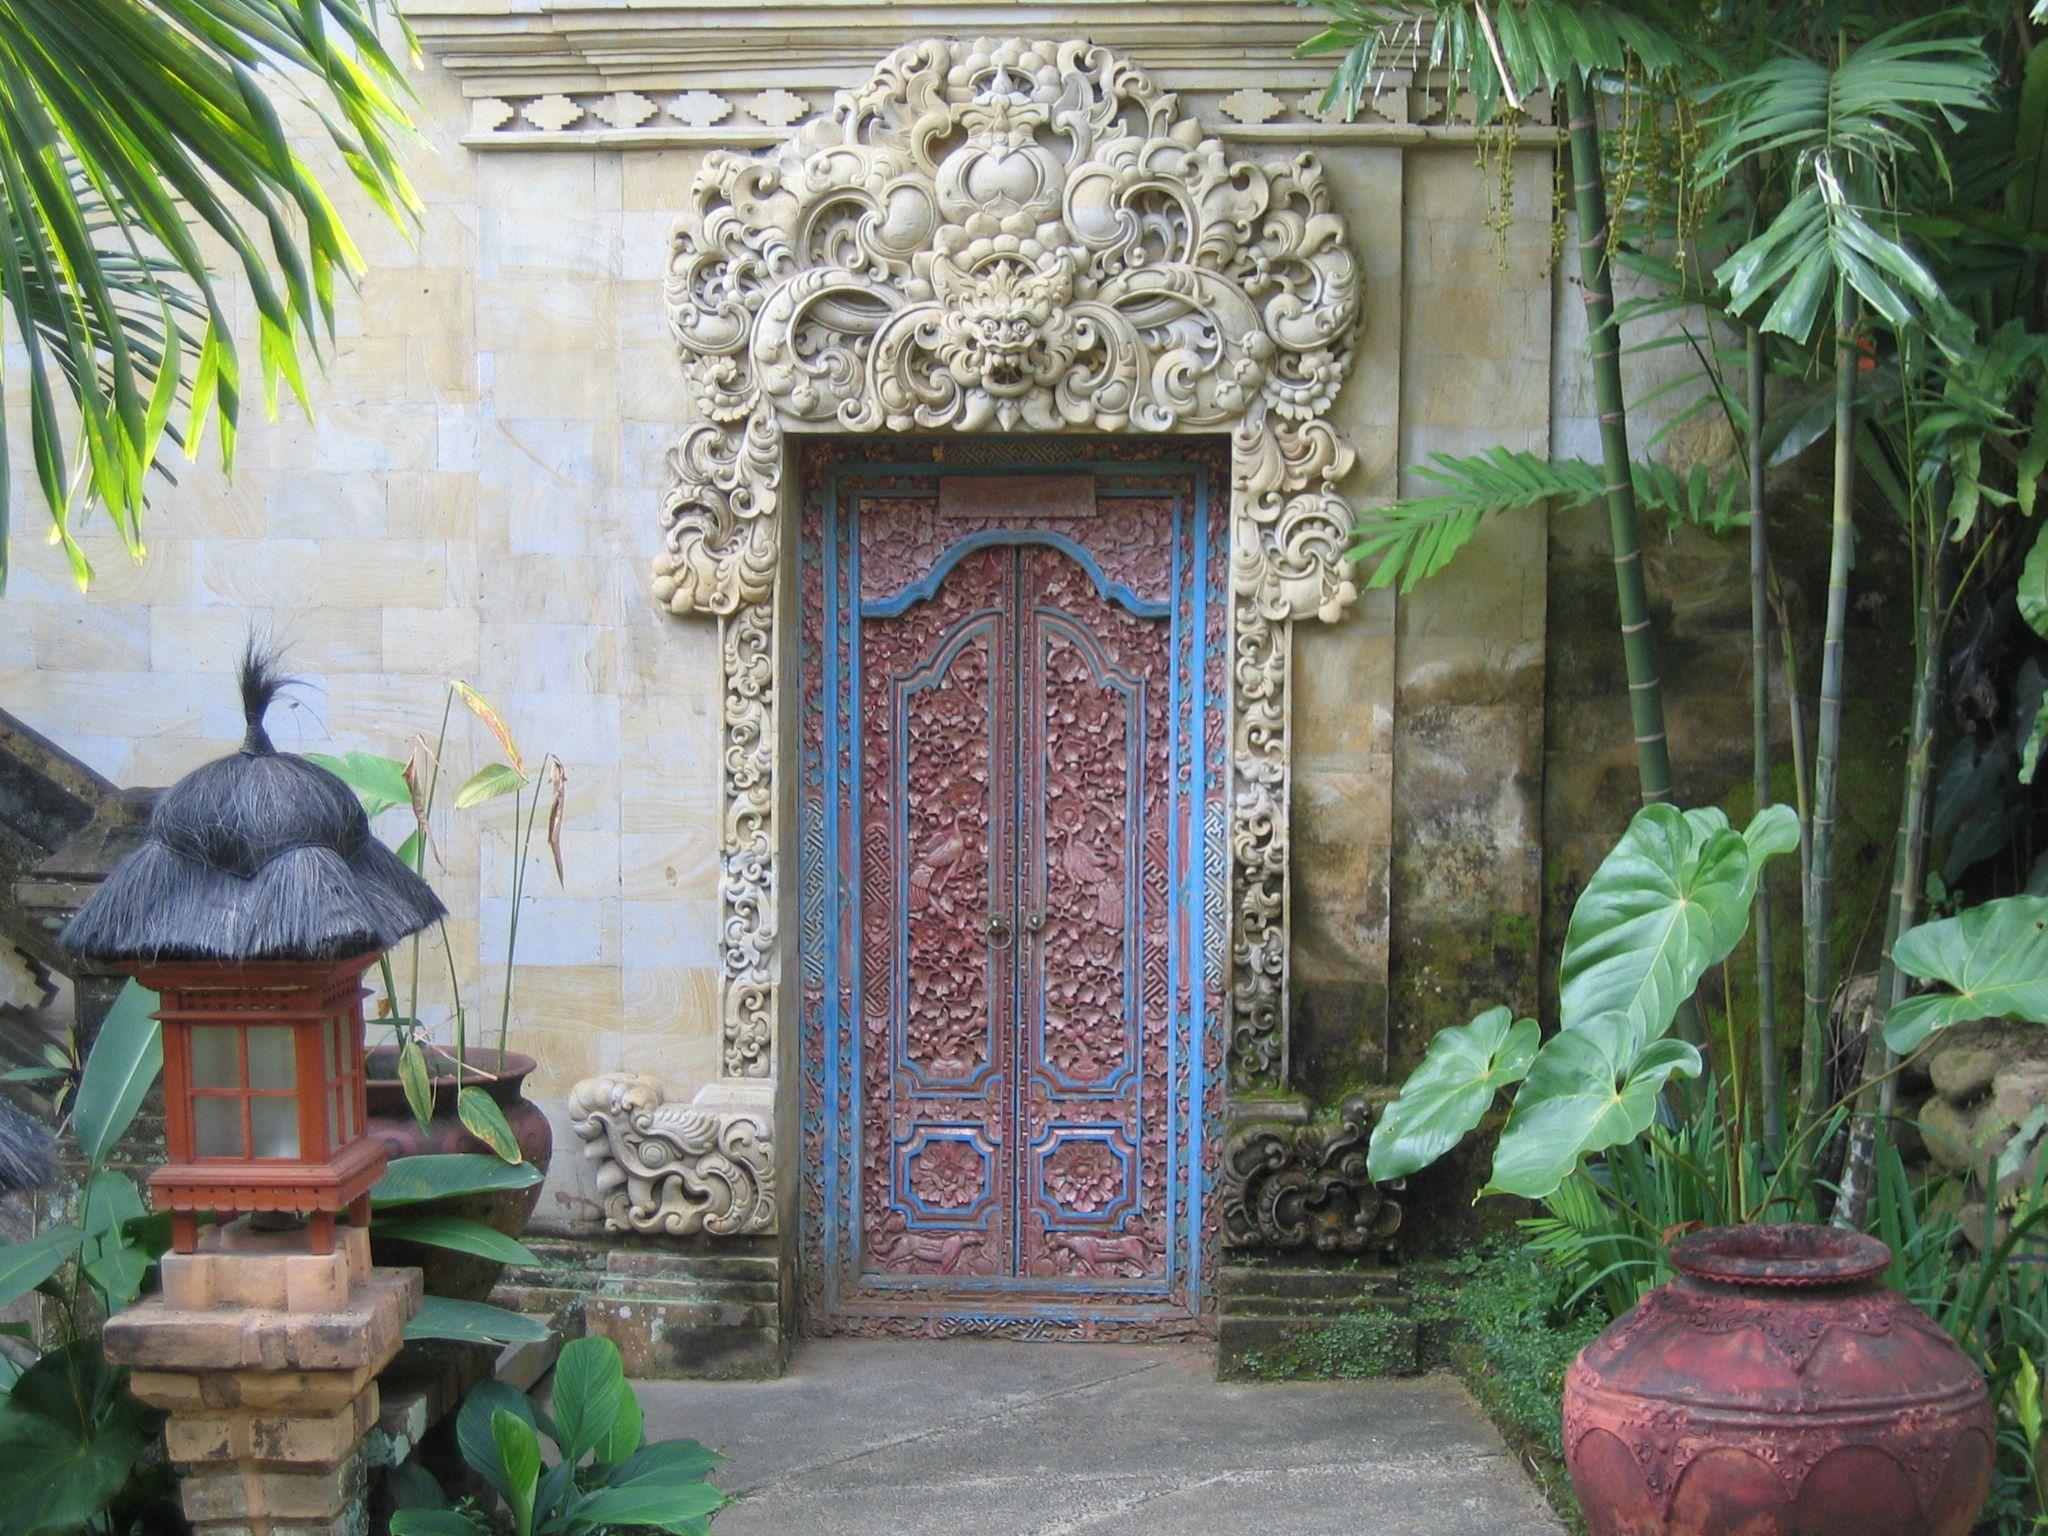 Balinese door & Balinese door | Travel Trips | Pinterest | Balinese Doors and Gates pezcame.com